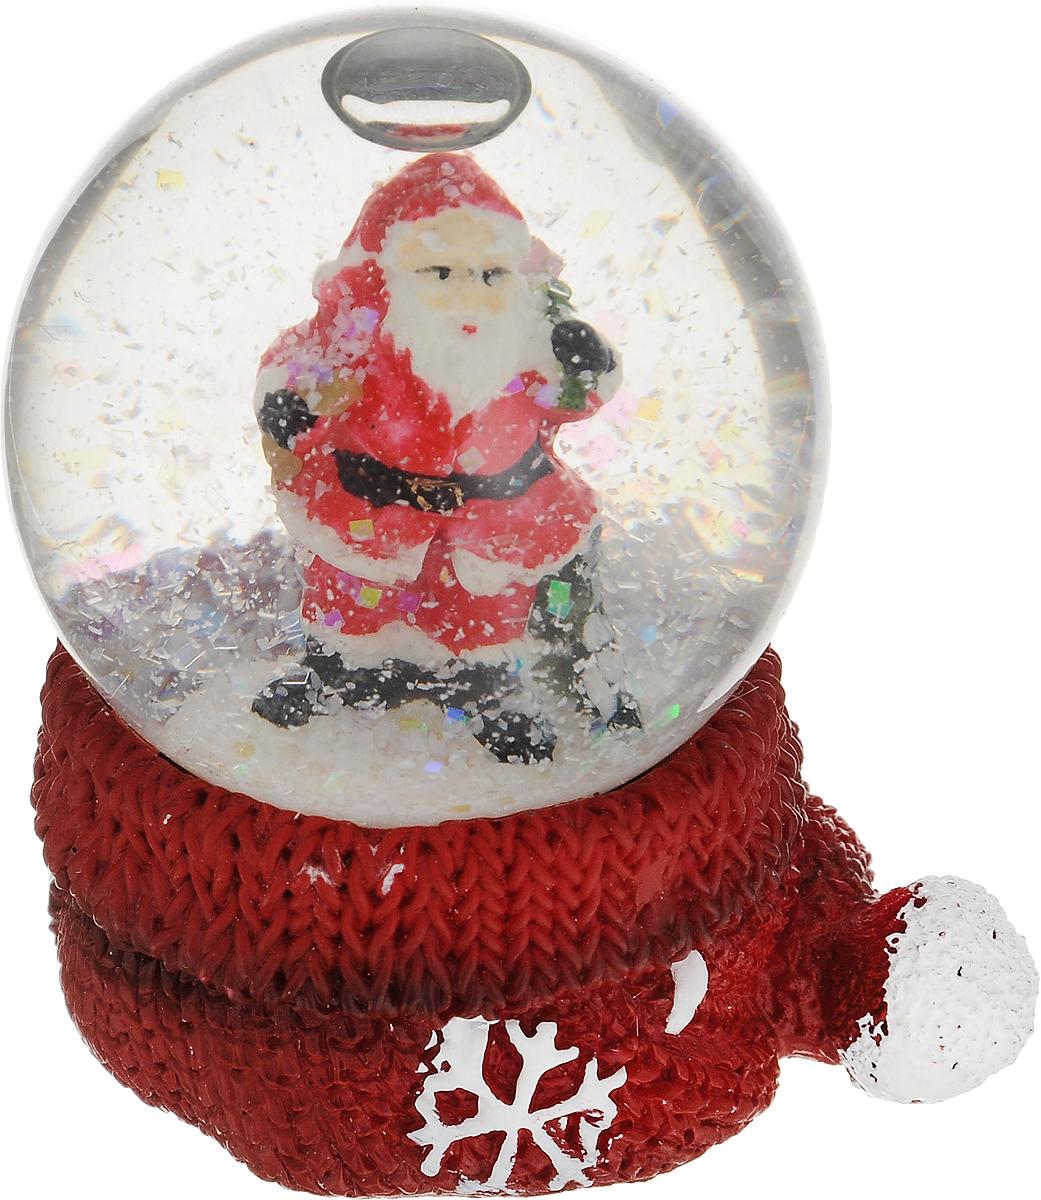 Снежный шар Дед Мороз, диаметр 5 см, высота 6 см73380Изящный новогодний сувенир Дед Мороз выполнен в виде водяного шара на оригинальной подставке. Украшение изготовлено из полистоуна и стекла. Внутри водяного шара имеется фигурка Деда Мороза, а если встряхнуть водяной шар пойдет снег. Новогодние украшения приносят в дом волшебство и ощущение праздника. Создайте в своем доме атмосферу веселья и радости, украшая всей семьей комнату нарядными игрушками, которые будут из года в год накапливать теплоту воспоминаний. Диаметр шара: 5 см. Высота шара: 6 см.